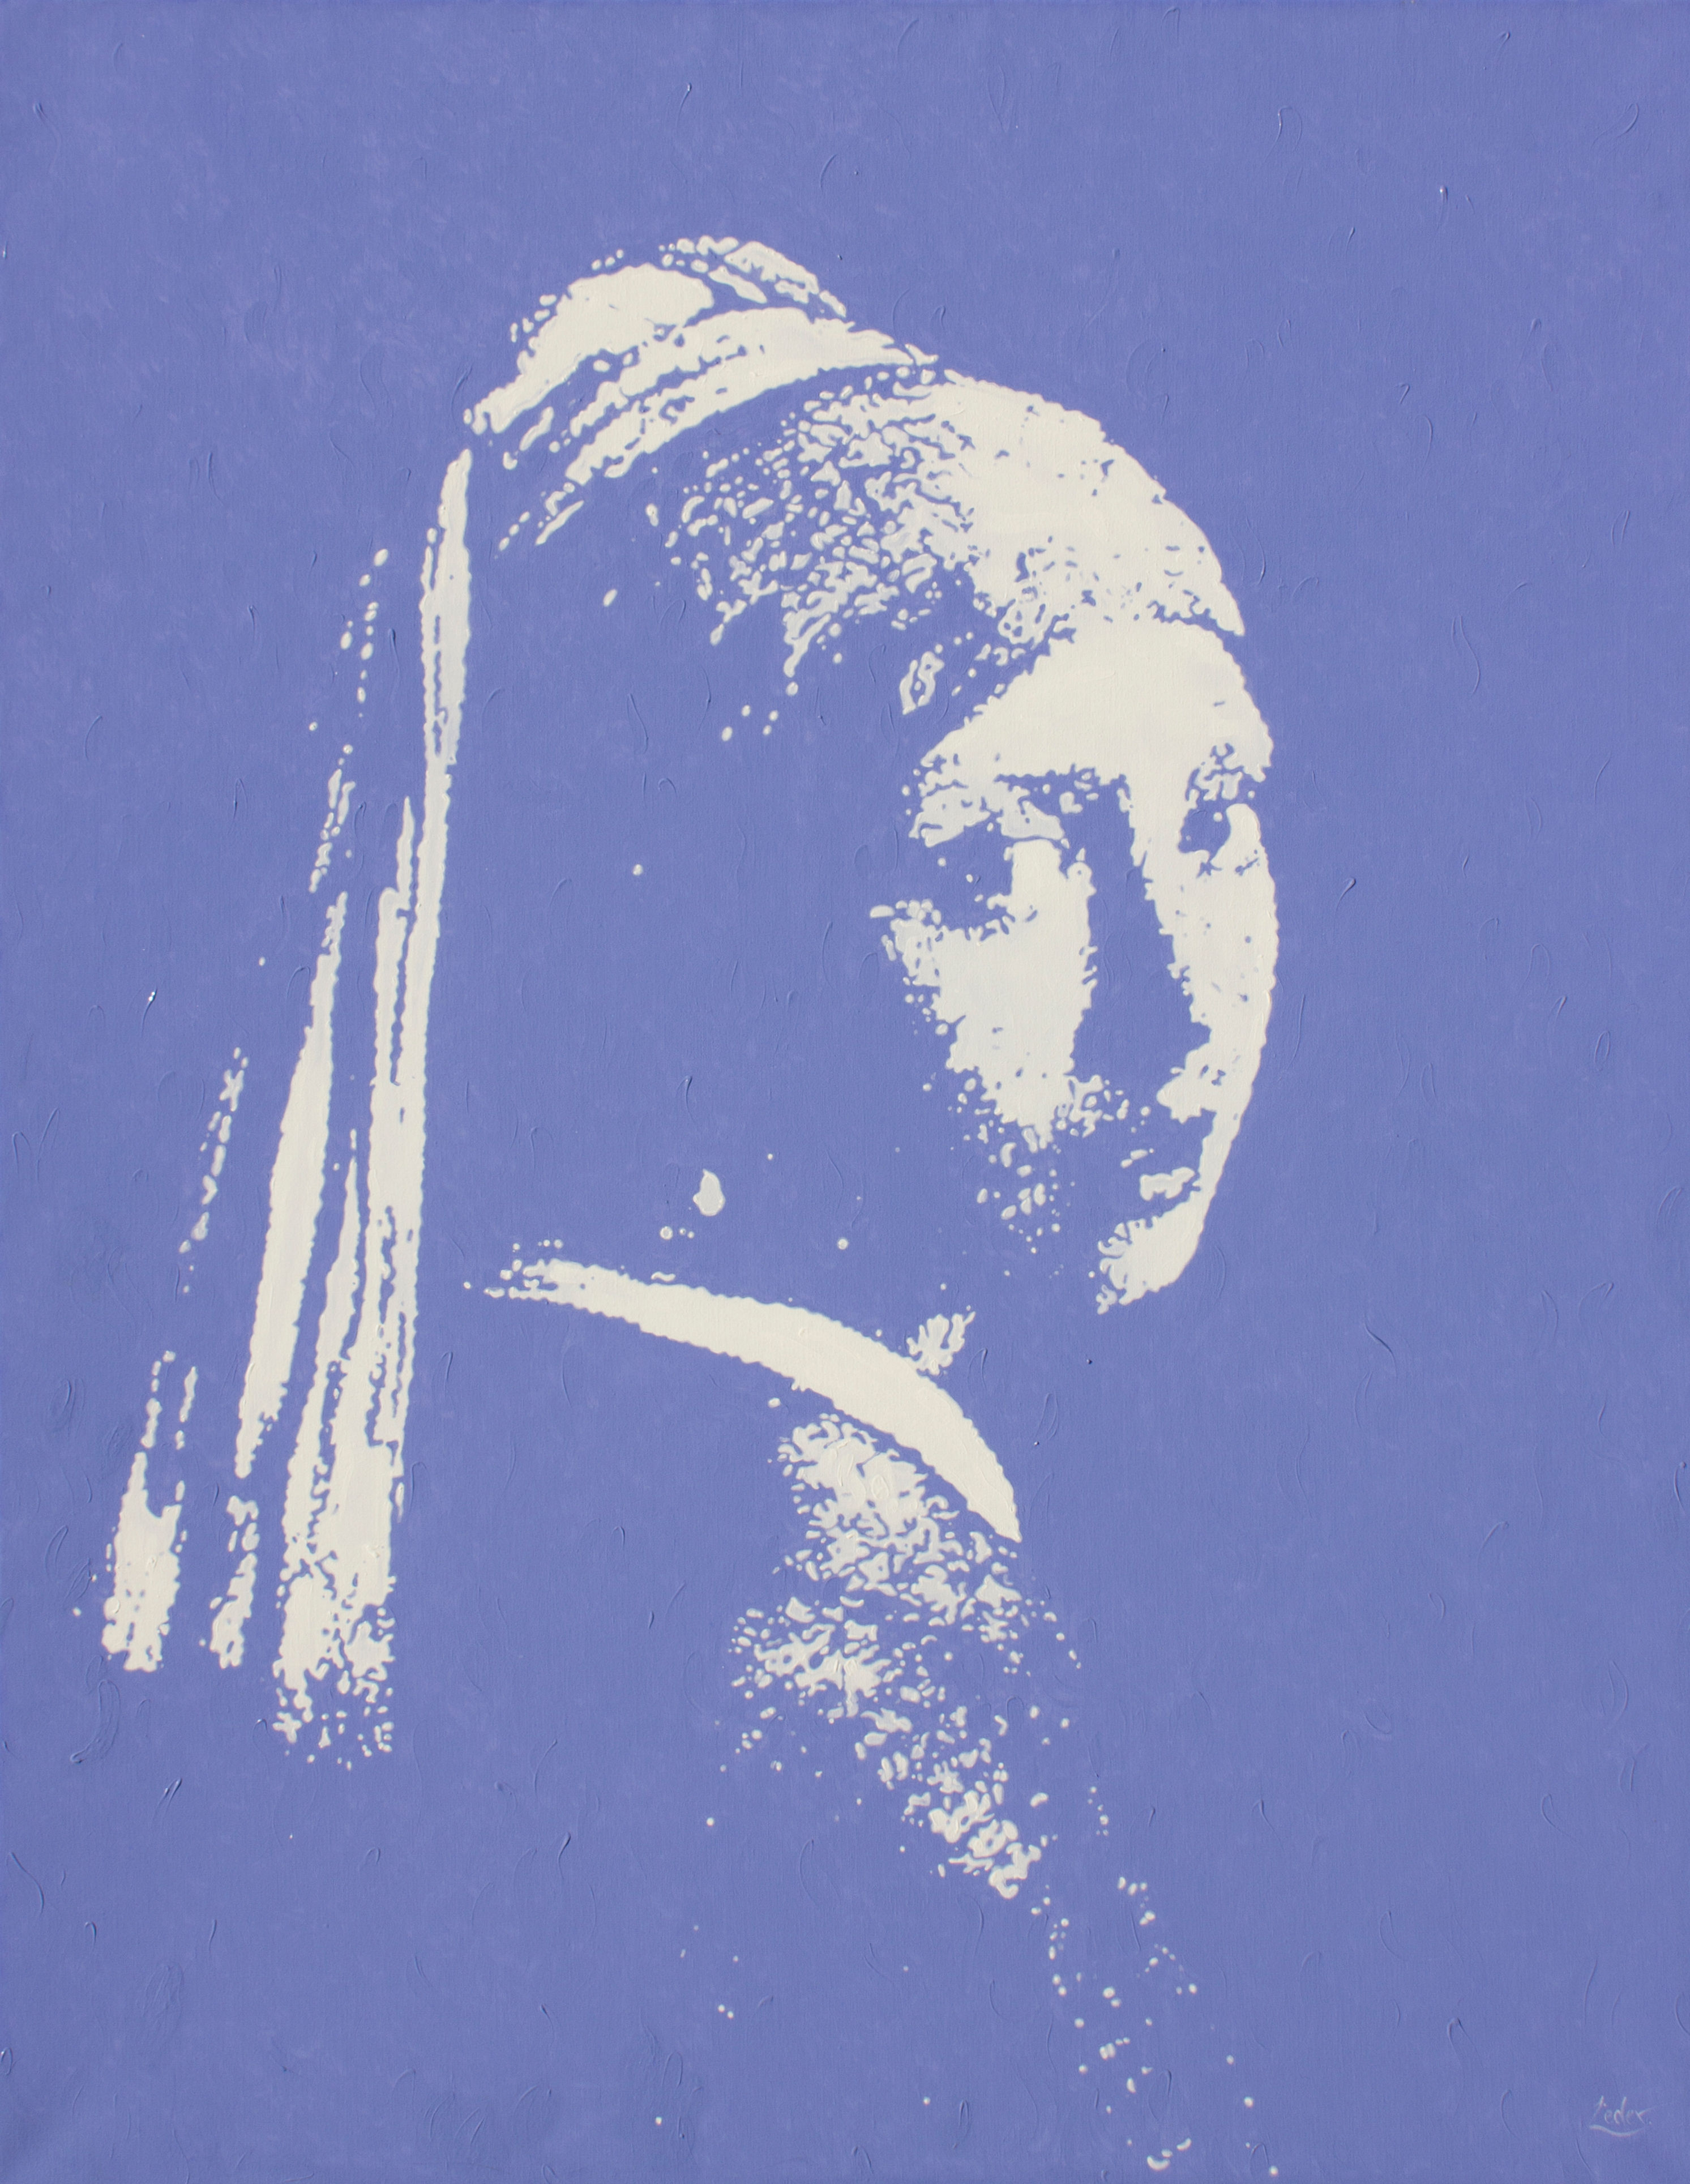 Deja Vu Vermeer - 71 x 55 in - SOLD